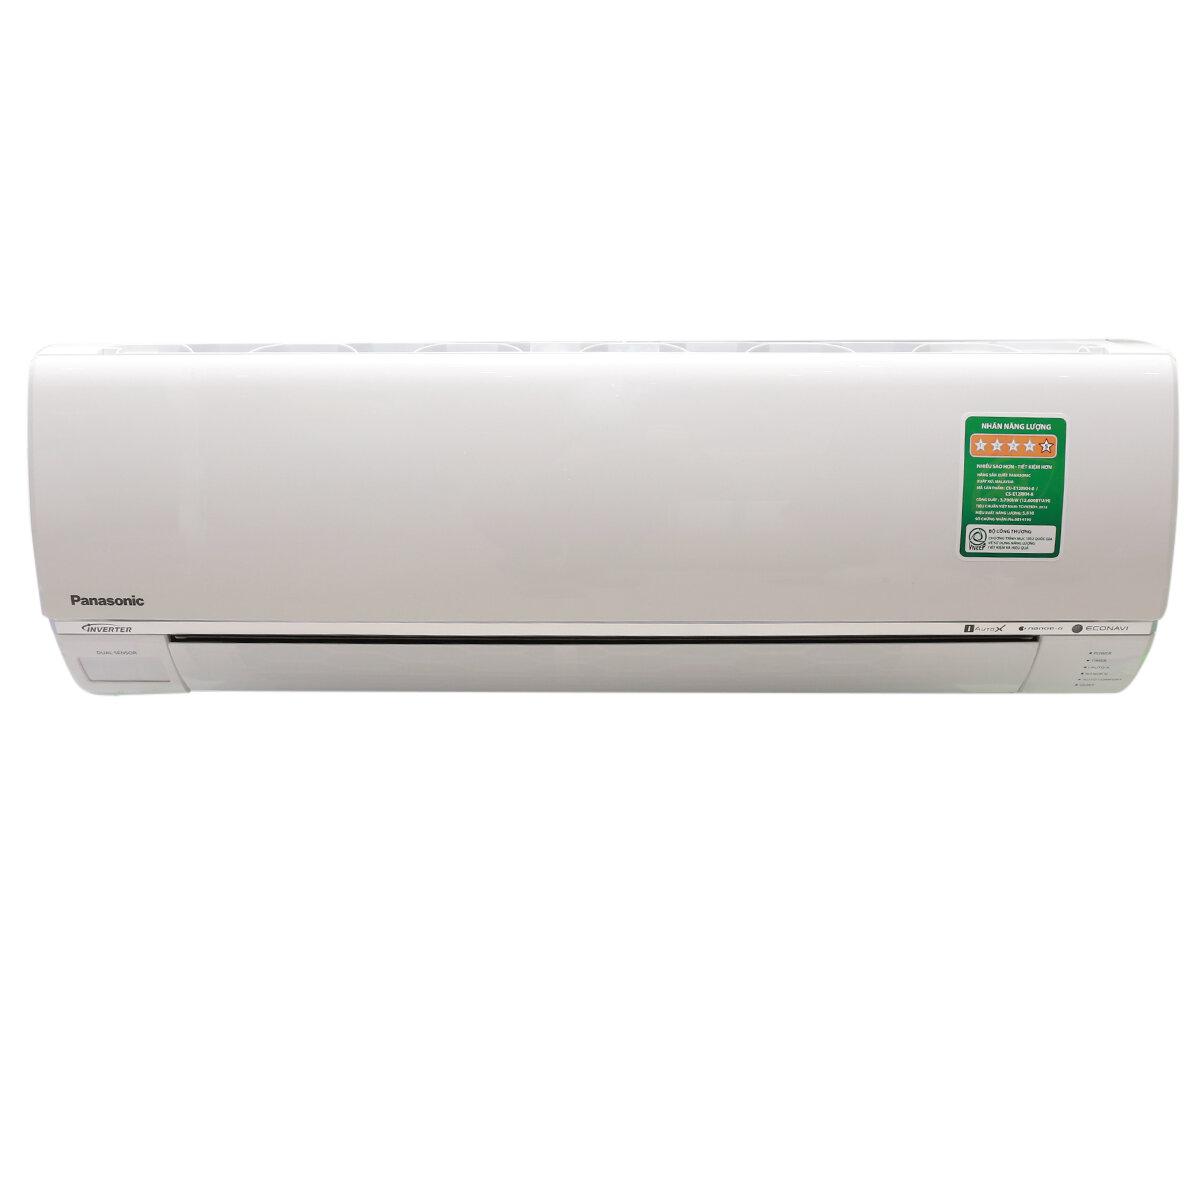 Điều hòa - Máy lạnh Panasonic CU/CS-E24RKH-8 - Treo tường, 2 chiều, 24000 BTU, inverter